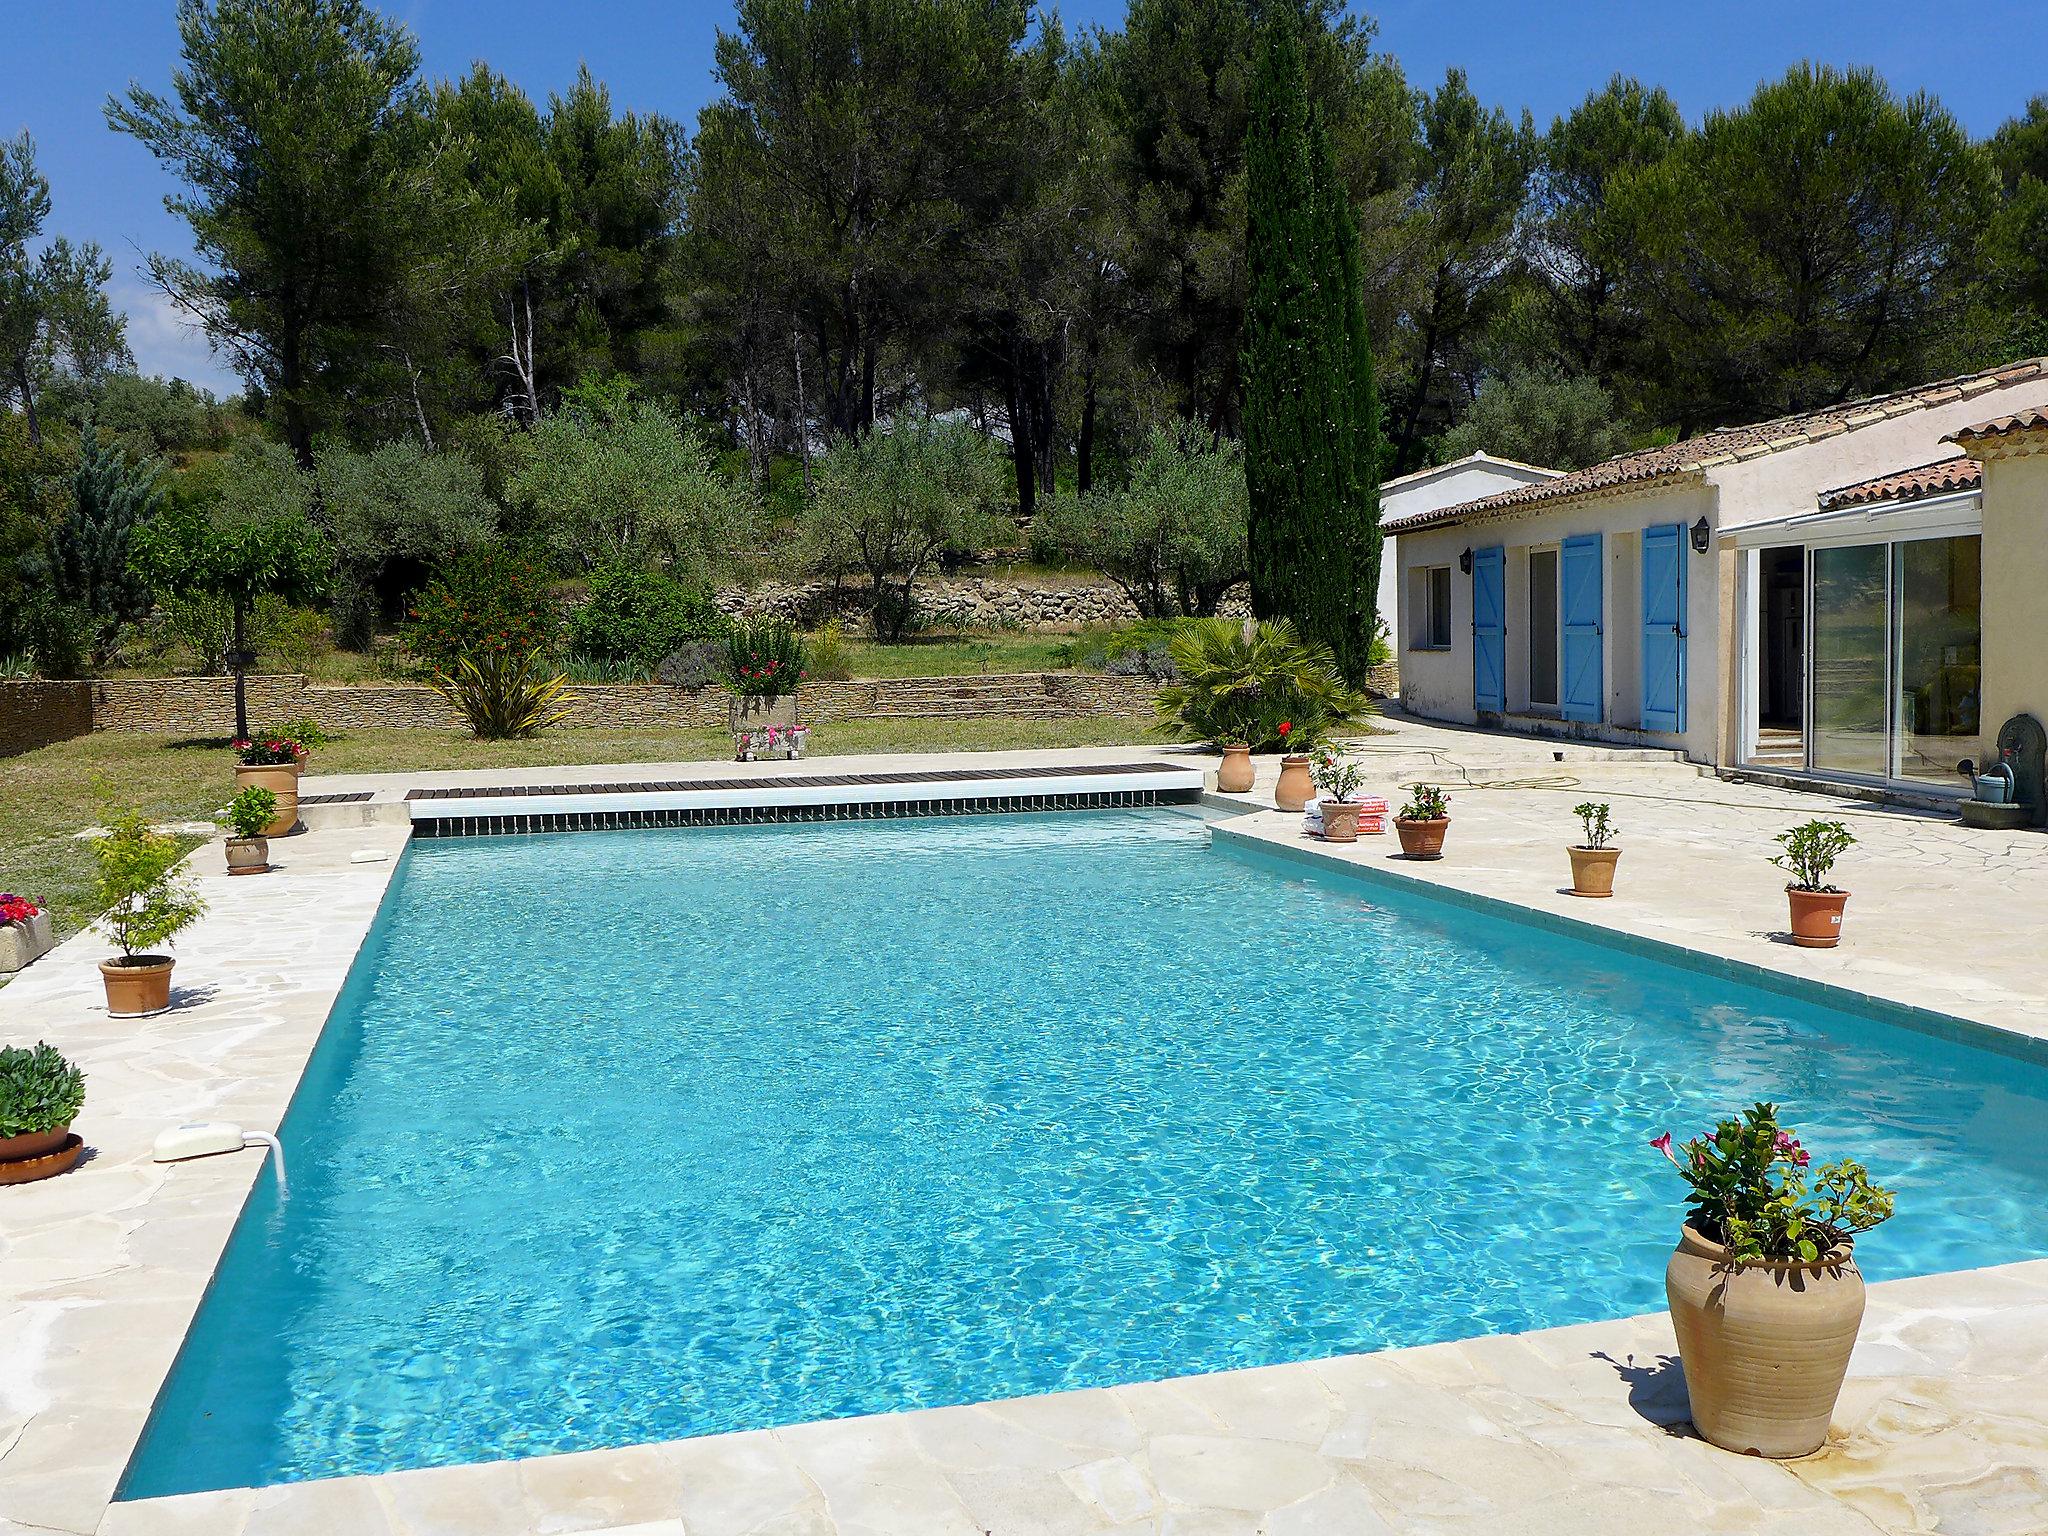 location villa le beausset saint anne d 39 evenos cote d 39 azur maison france calhoun. Black Bedroom Furniture Sets. Home Design Ideas